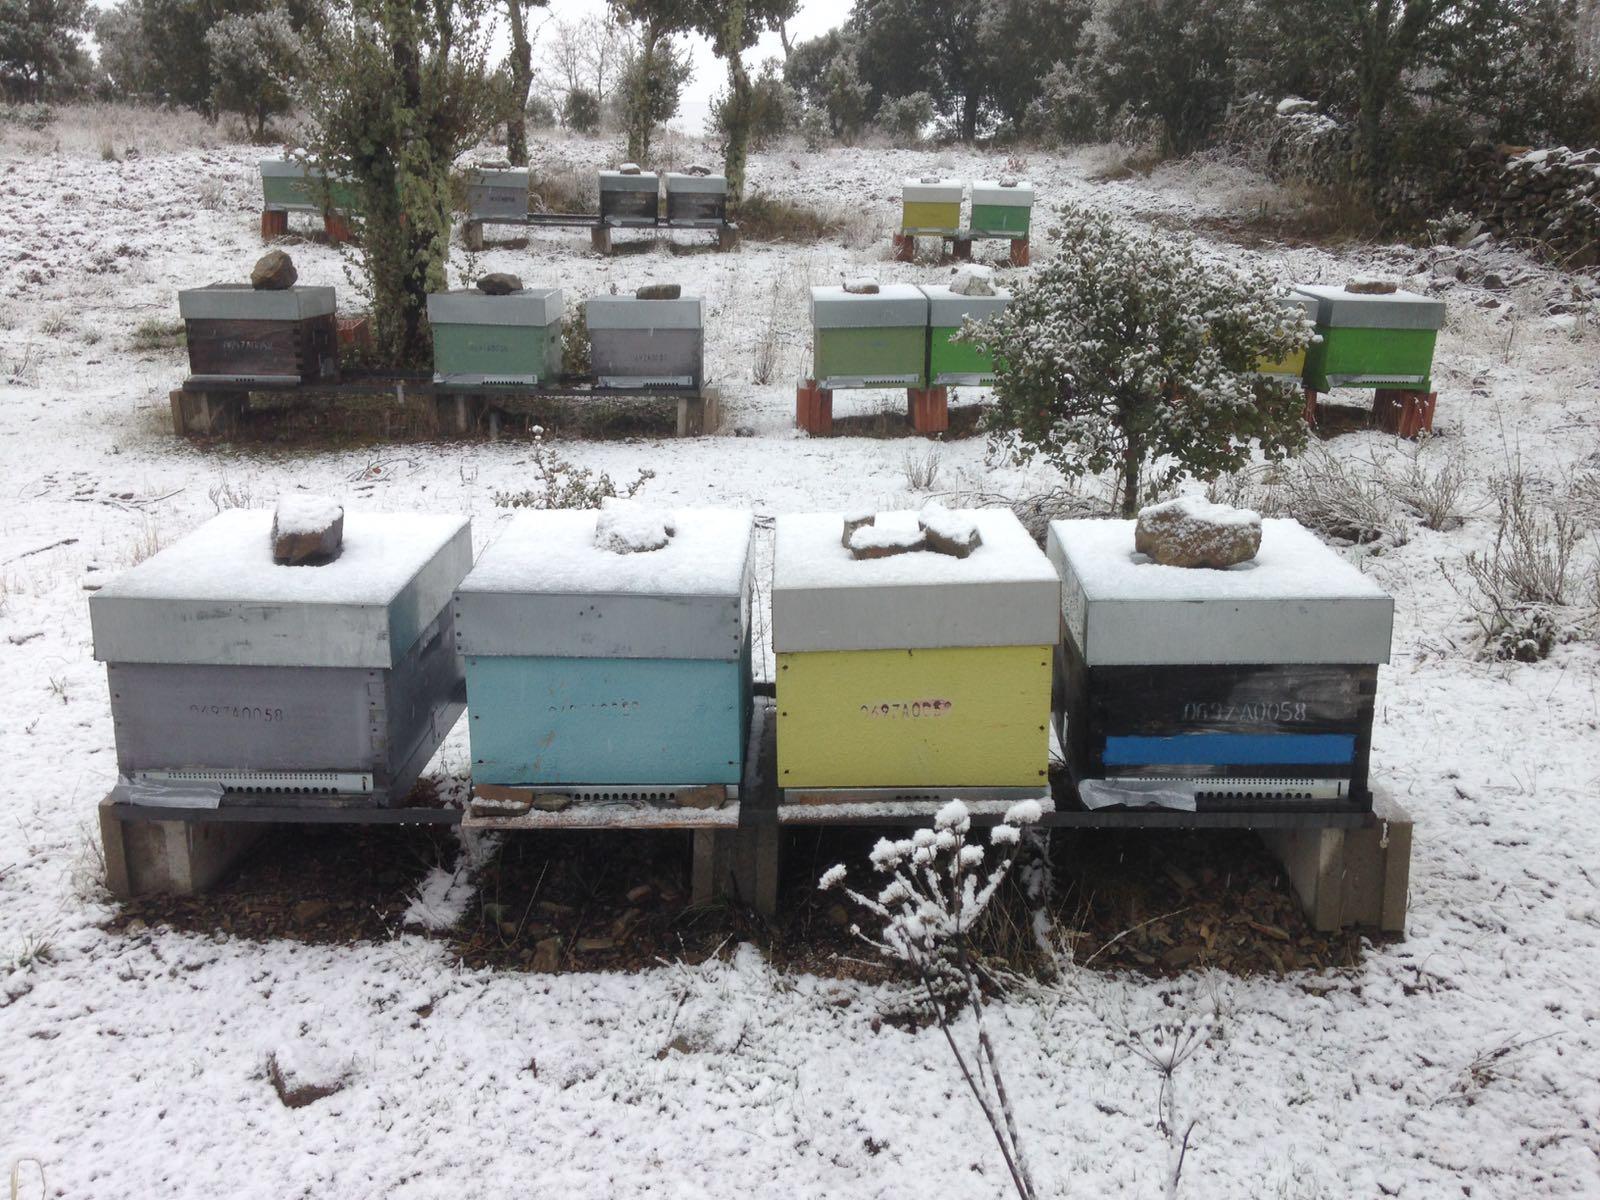 Gallegos del Campo Las Obreras de Aliste nieve miel